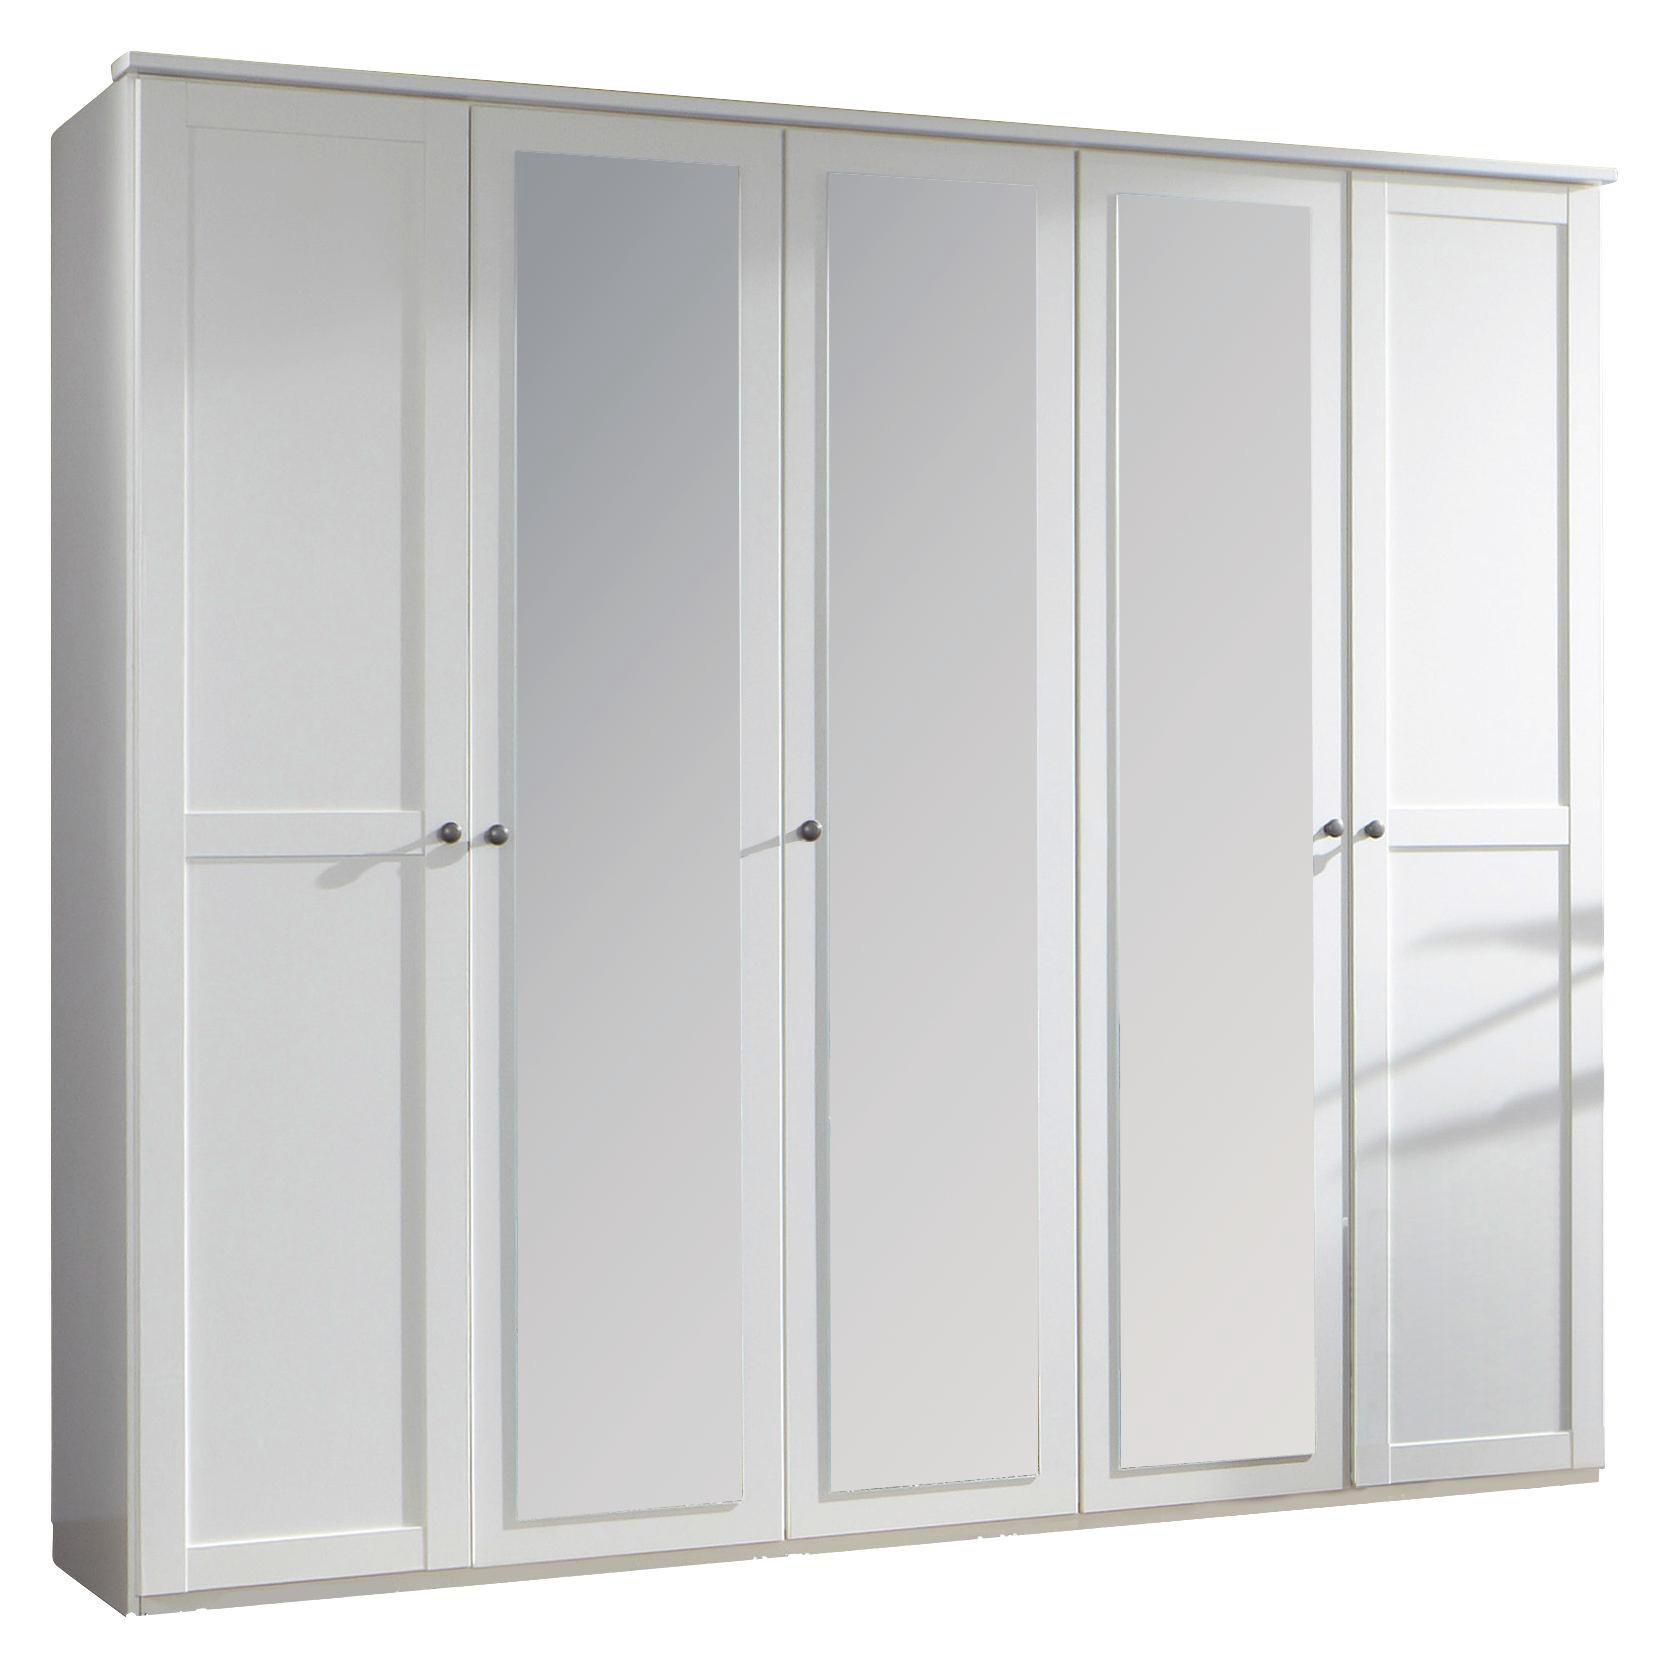 Kleiderschrank weiß  KLEIDERSCHRANK 5 -türig Weiß online kaufen ➤ XXXLShop